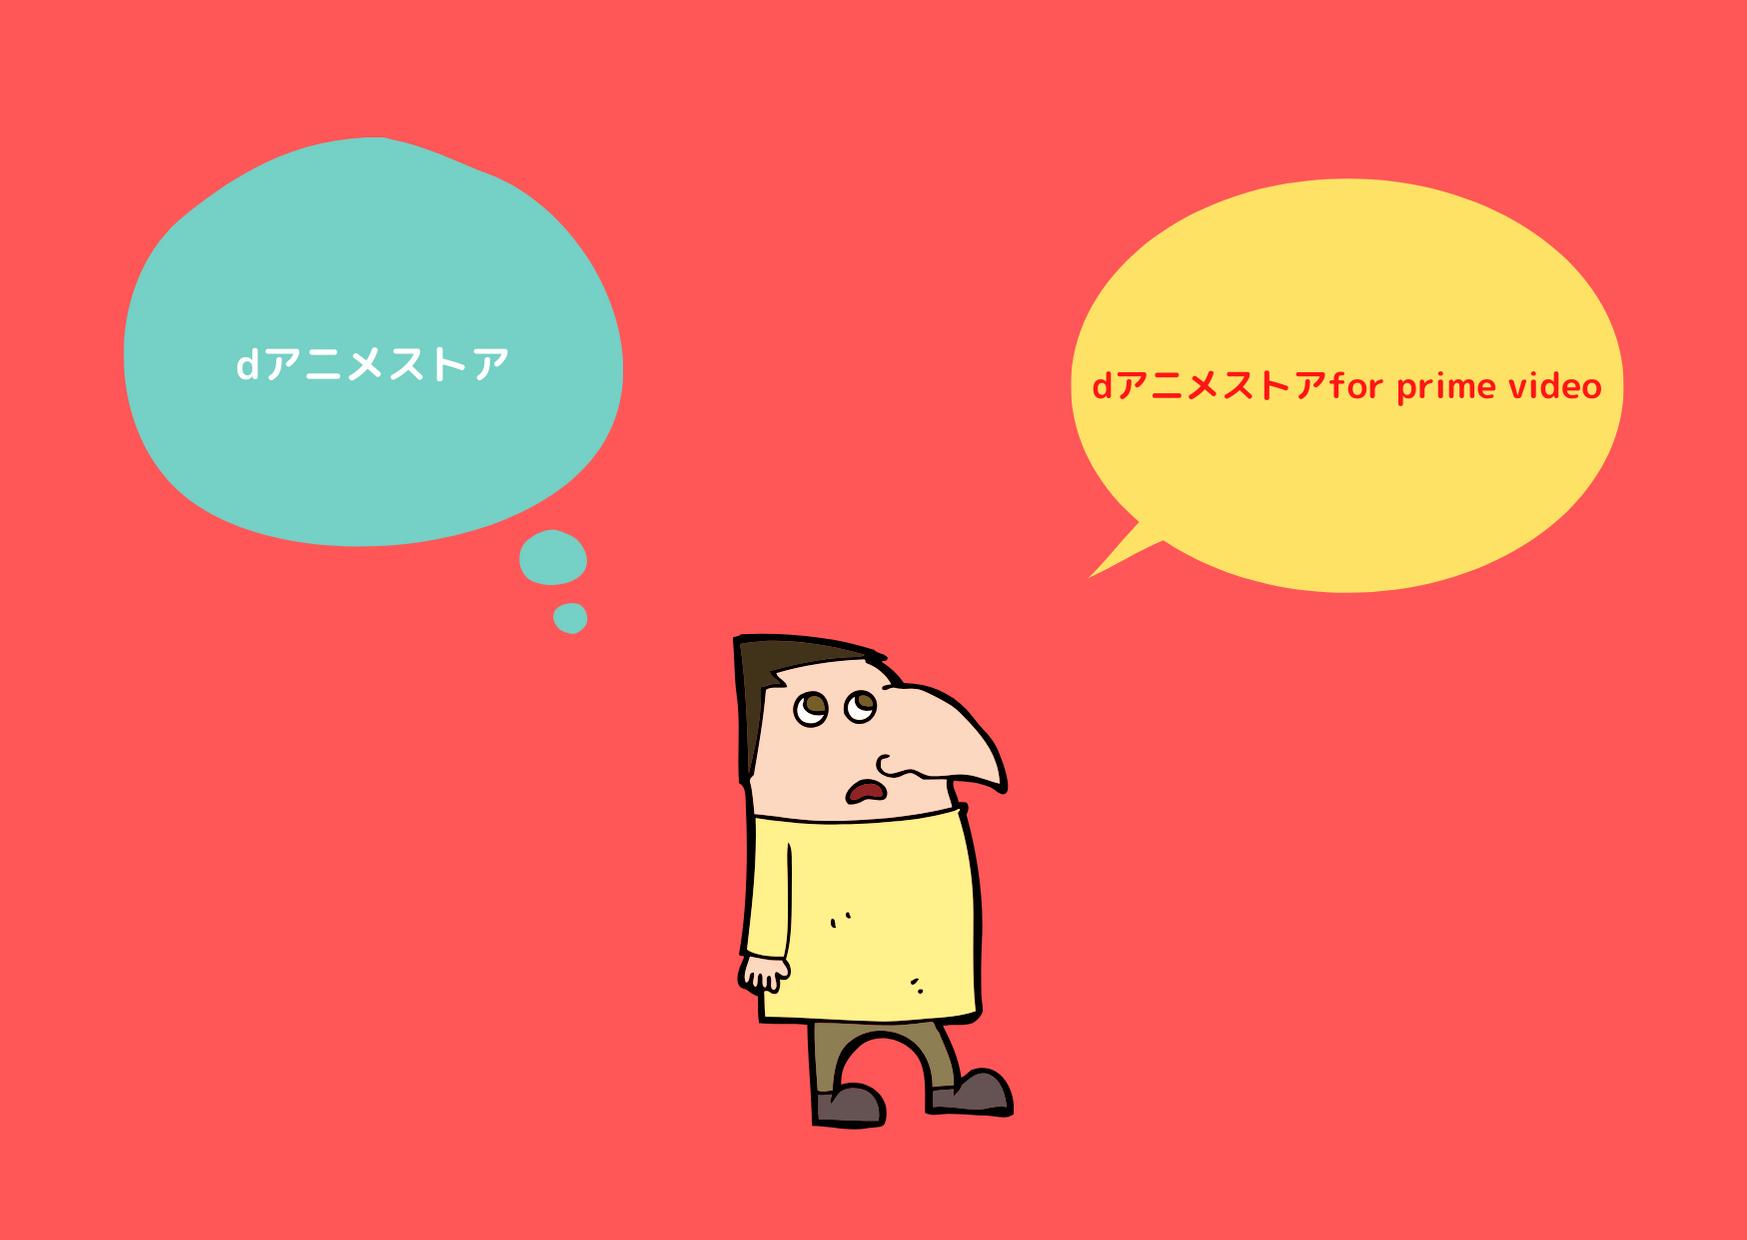 dアニメストアとdアニメストアfor prime videoで悩んでいる人の画像